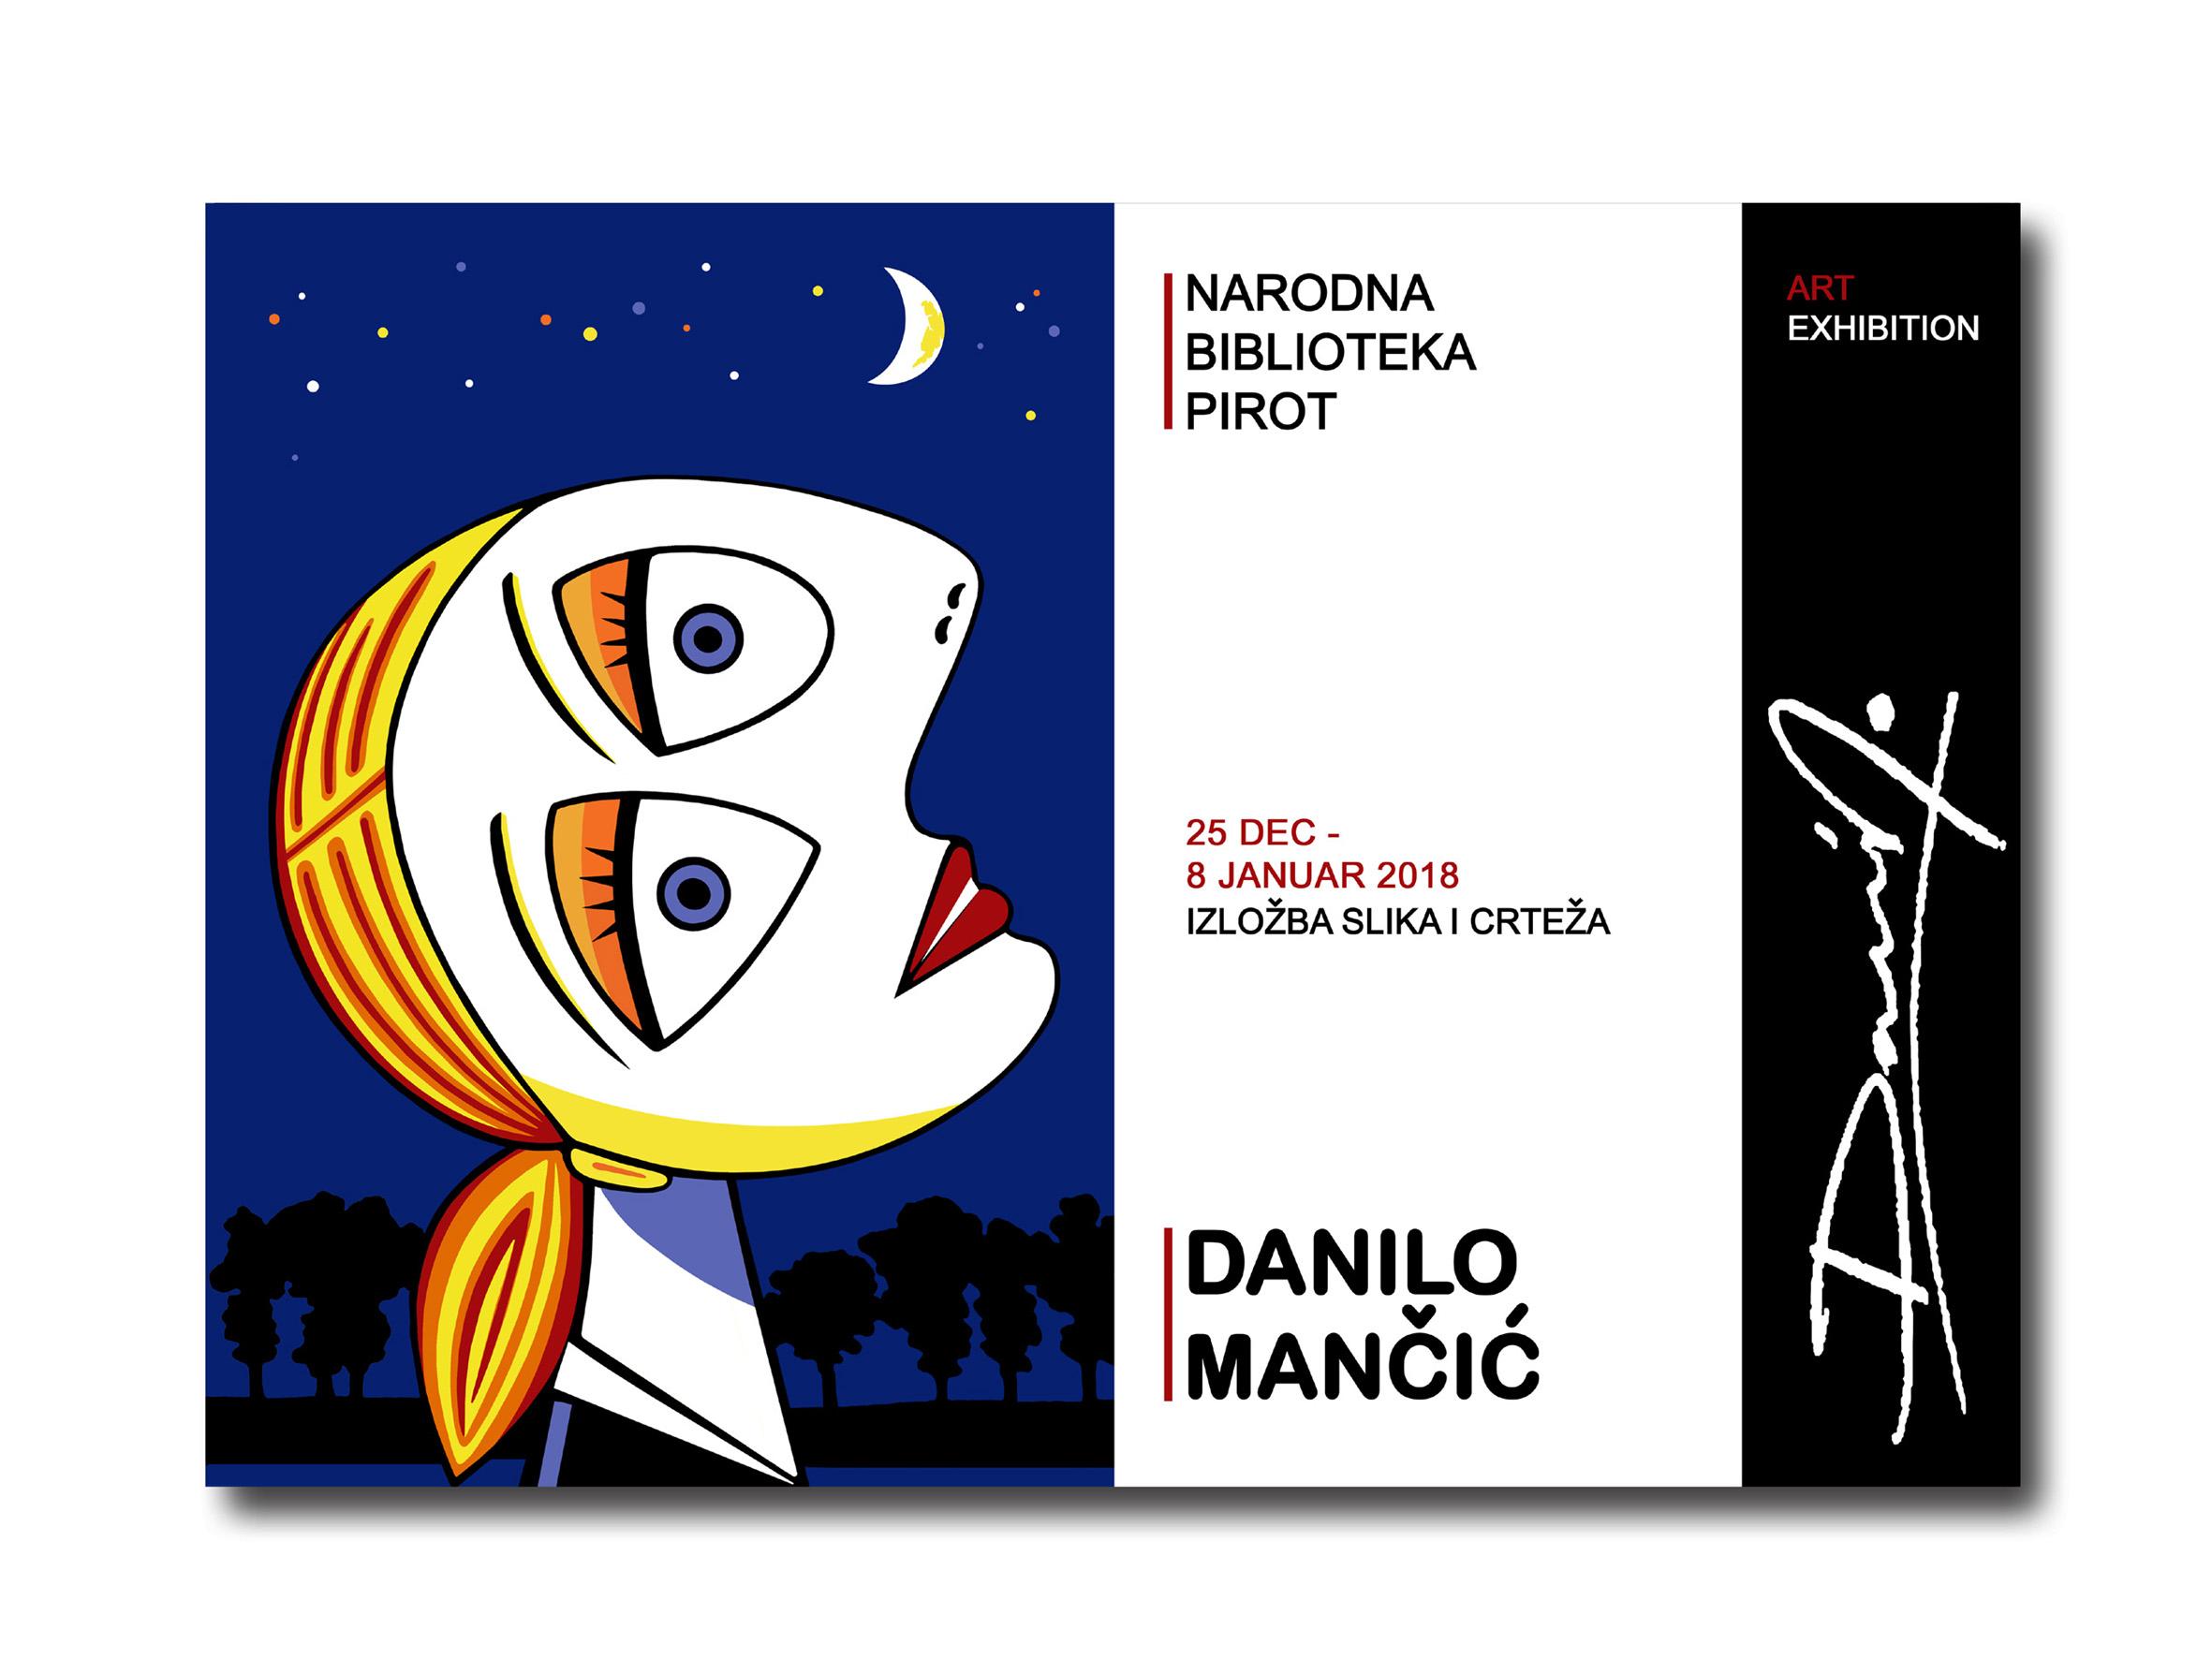 Photo of Izložba slika i crteža Danila Mančića u čitaonici Narodne biblioteke Pirot